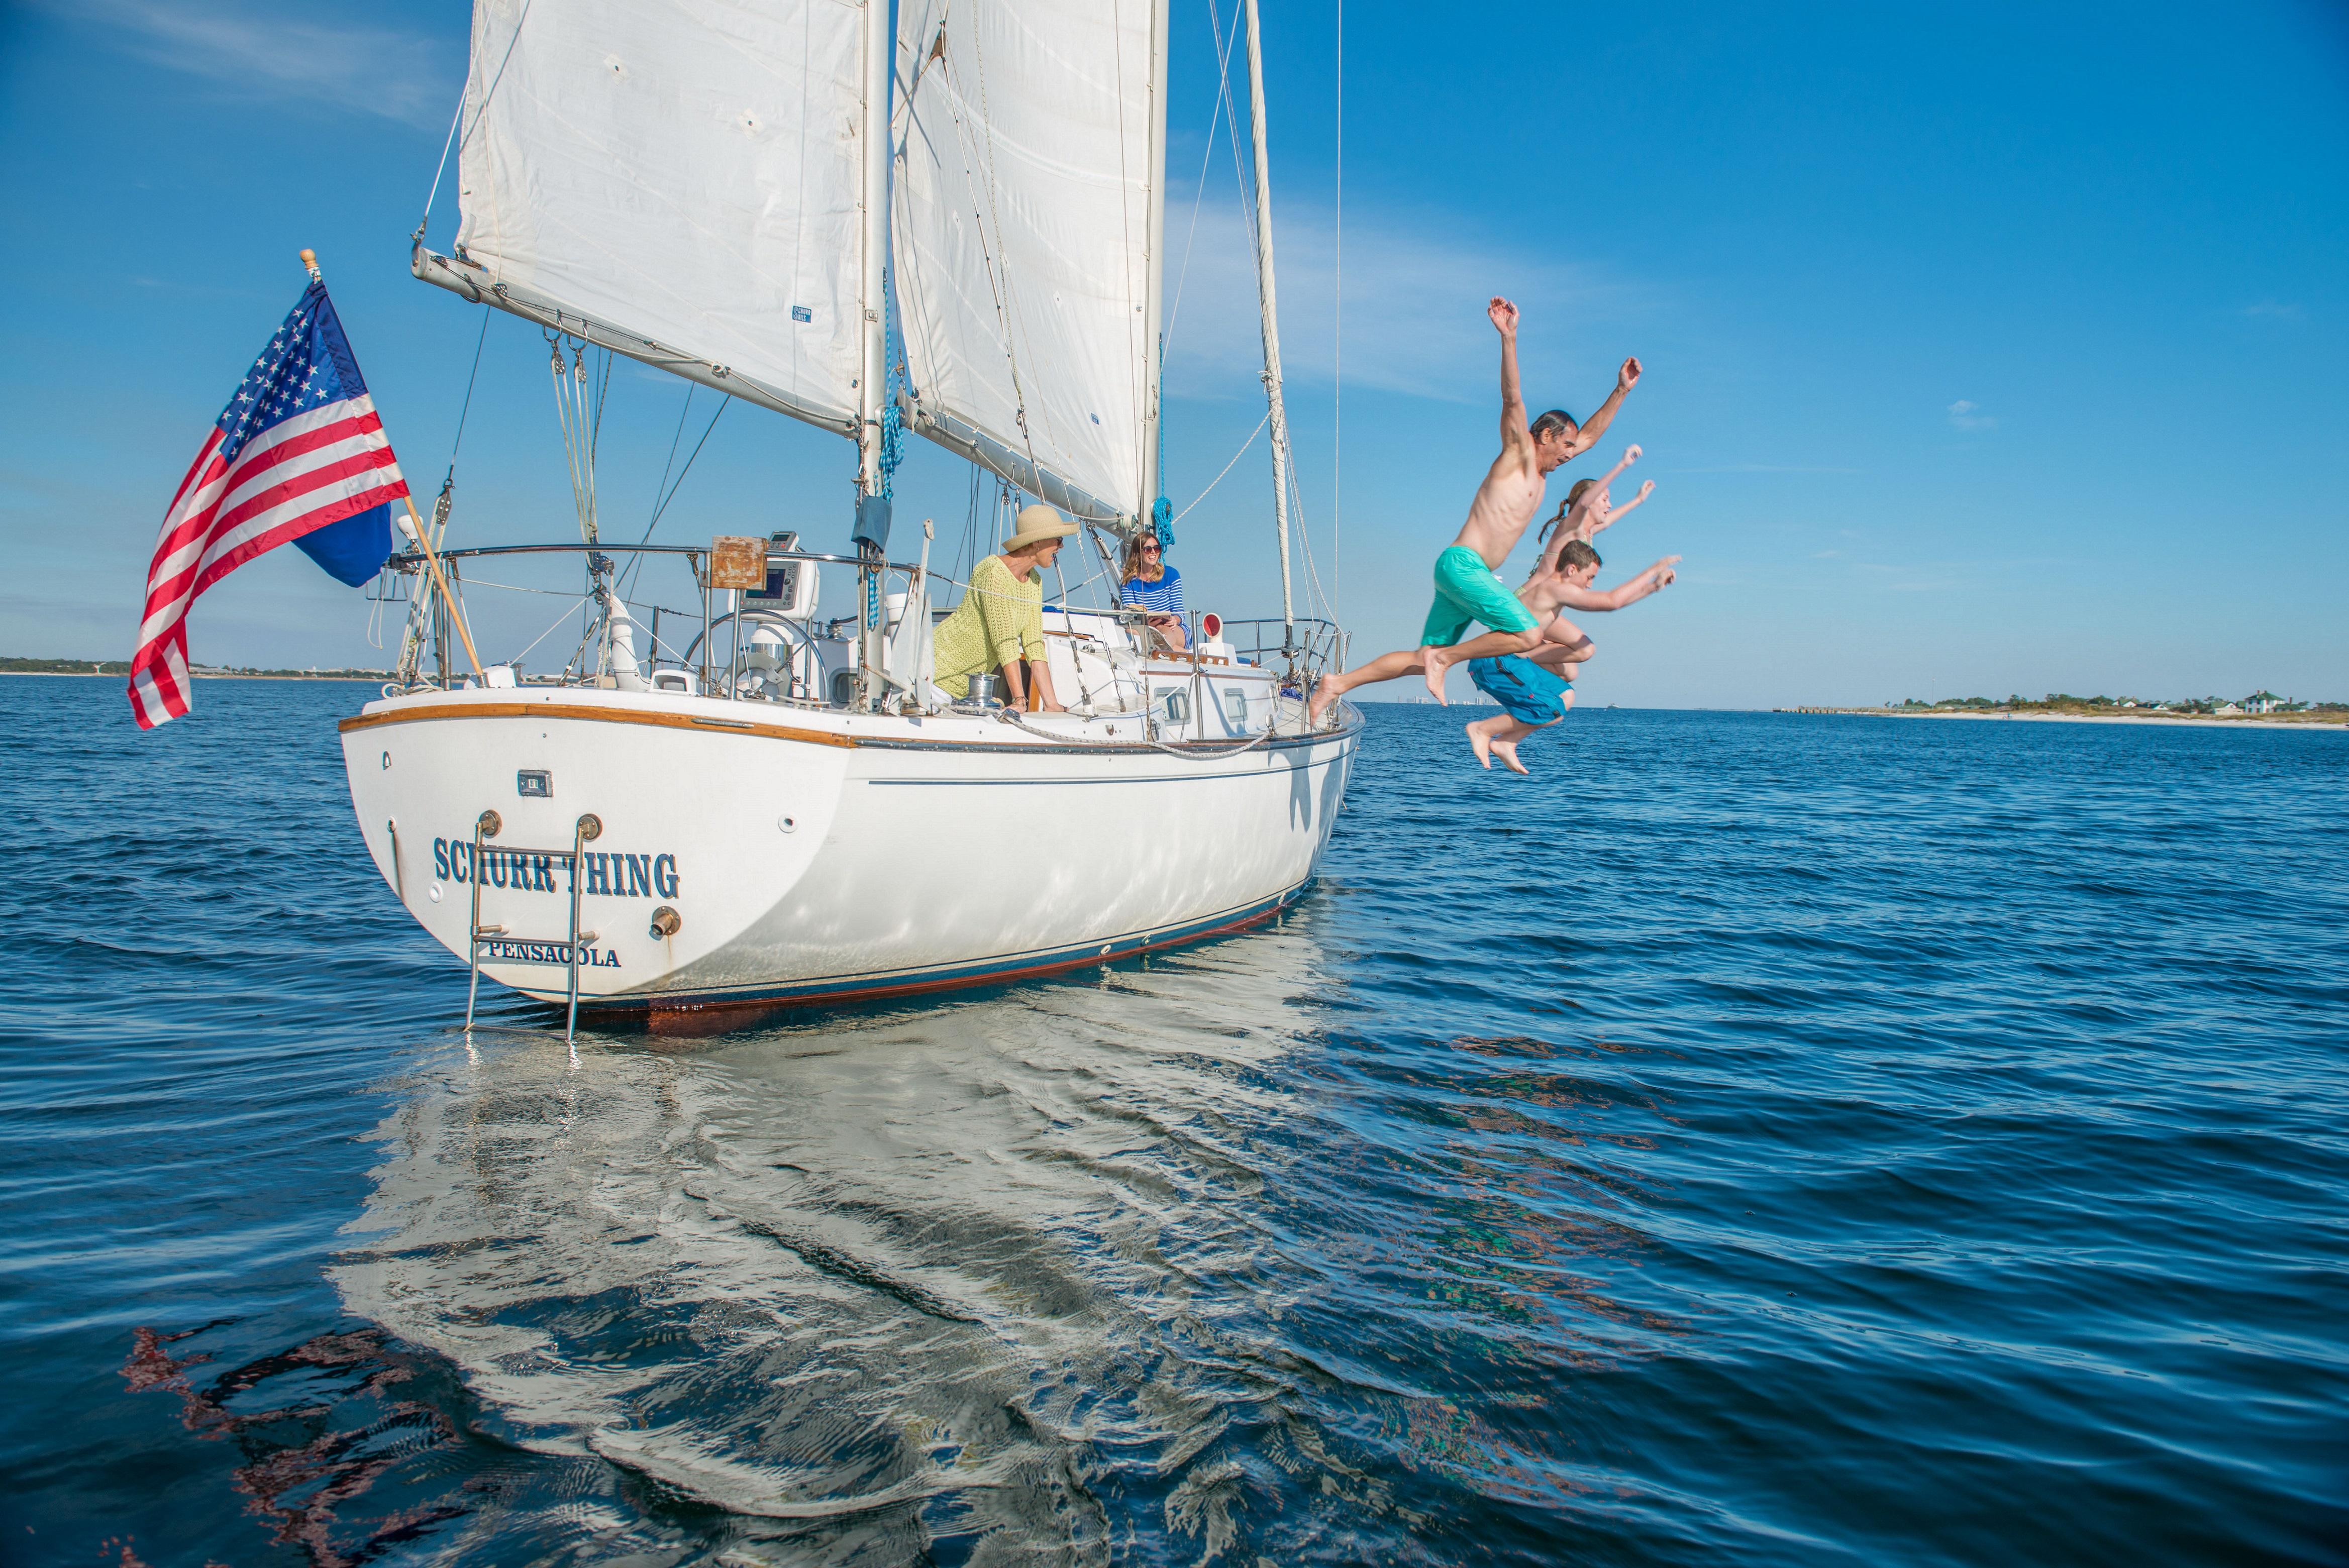 sailboat-jumping_213jpg_39352155765_o